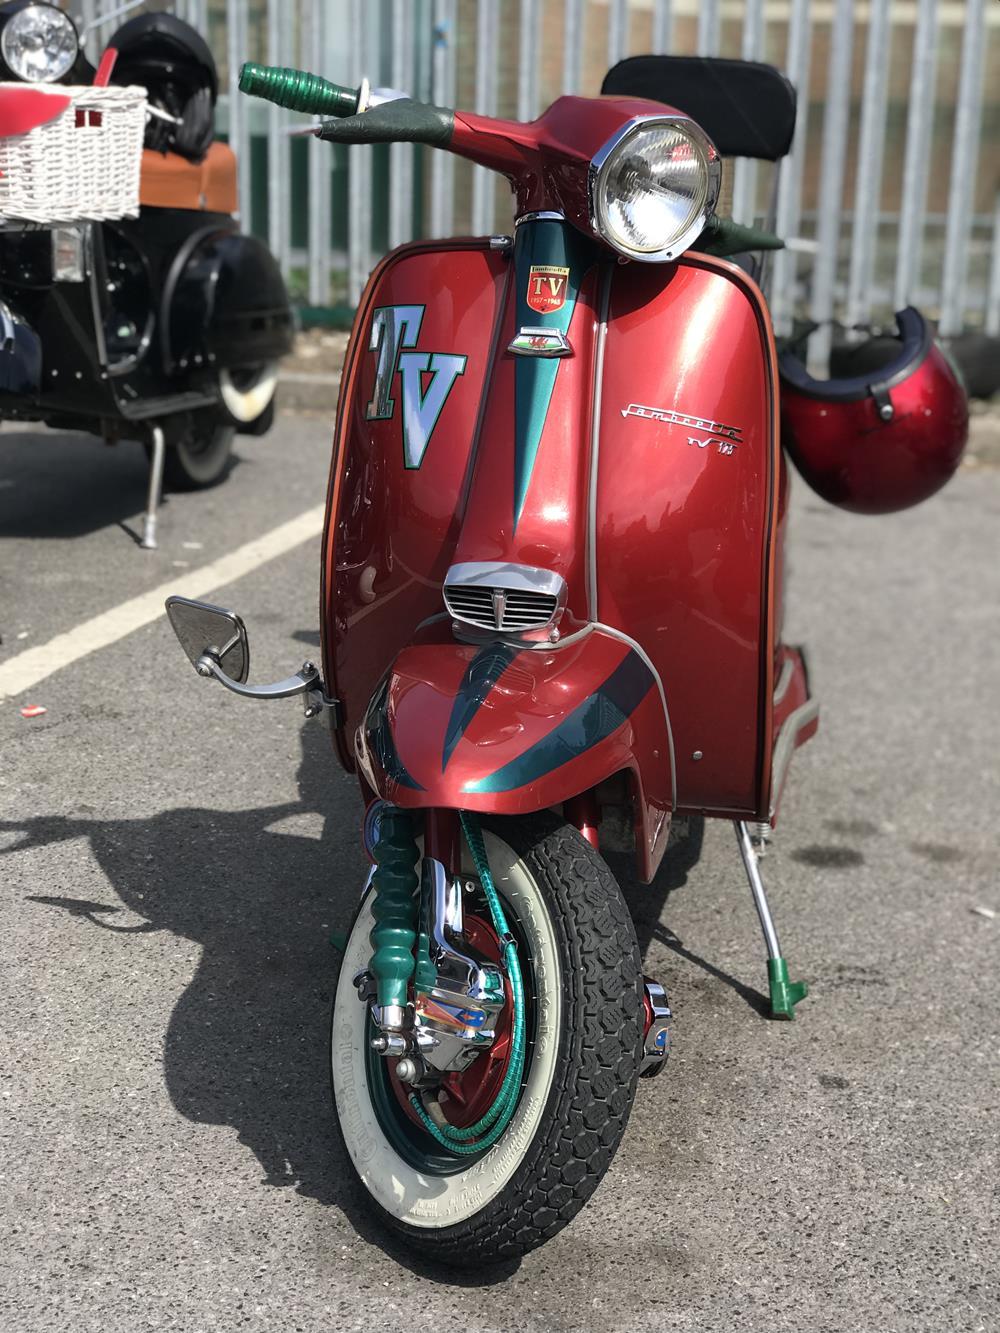 Red Lambretta TV scooter